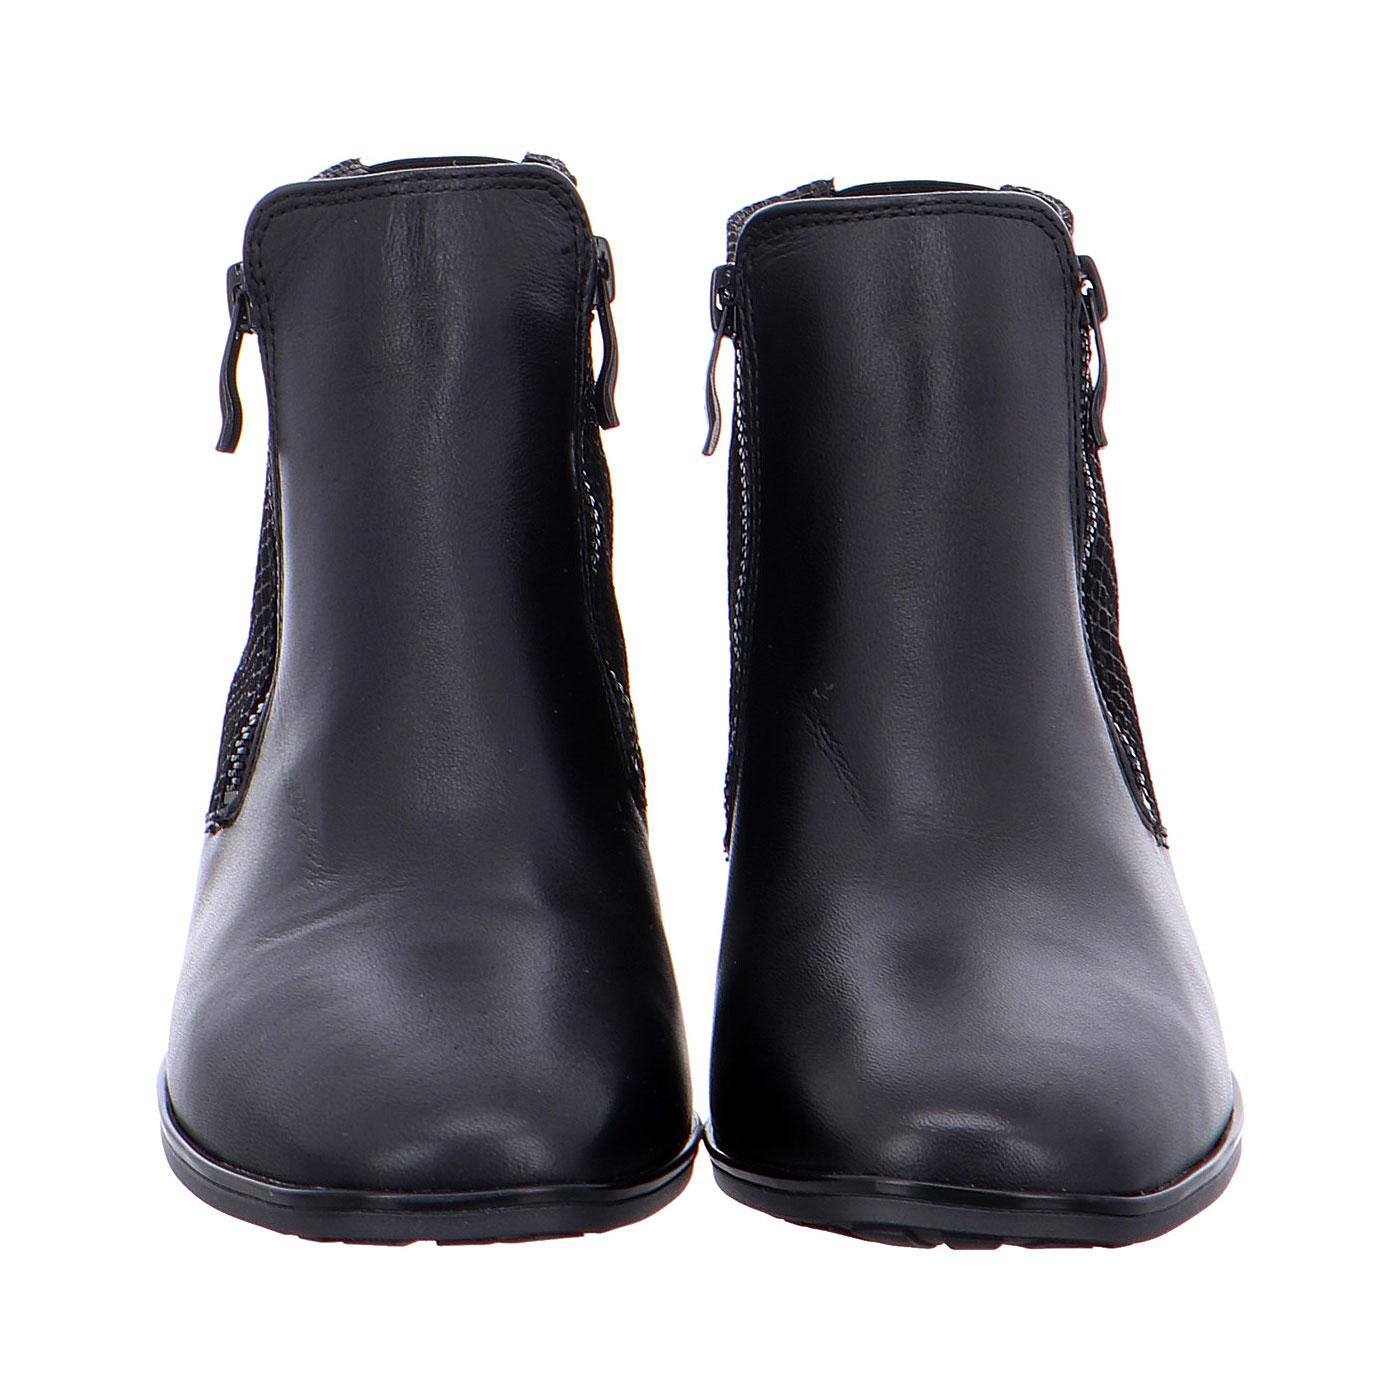 Дамски черни боти от ест. кожа ara 12-11837-76 - снимка 5